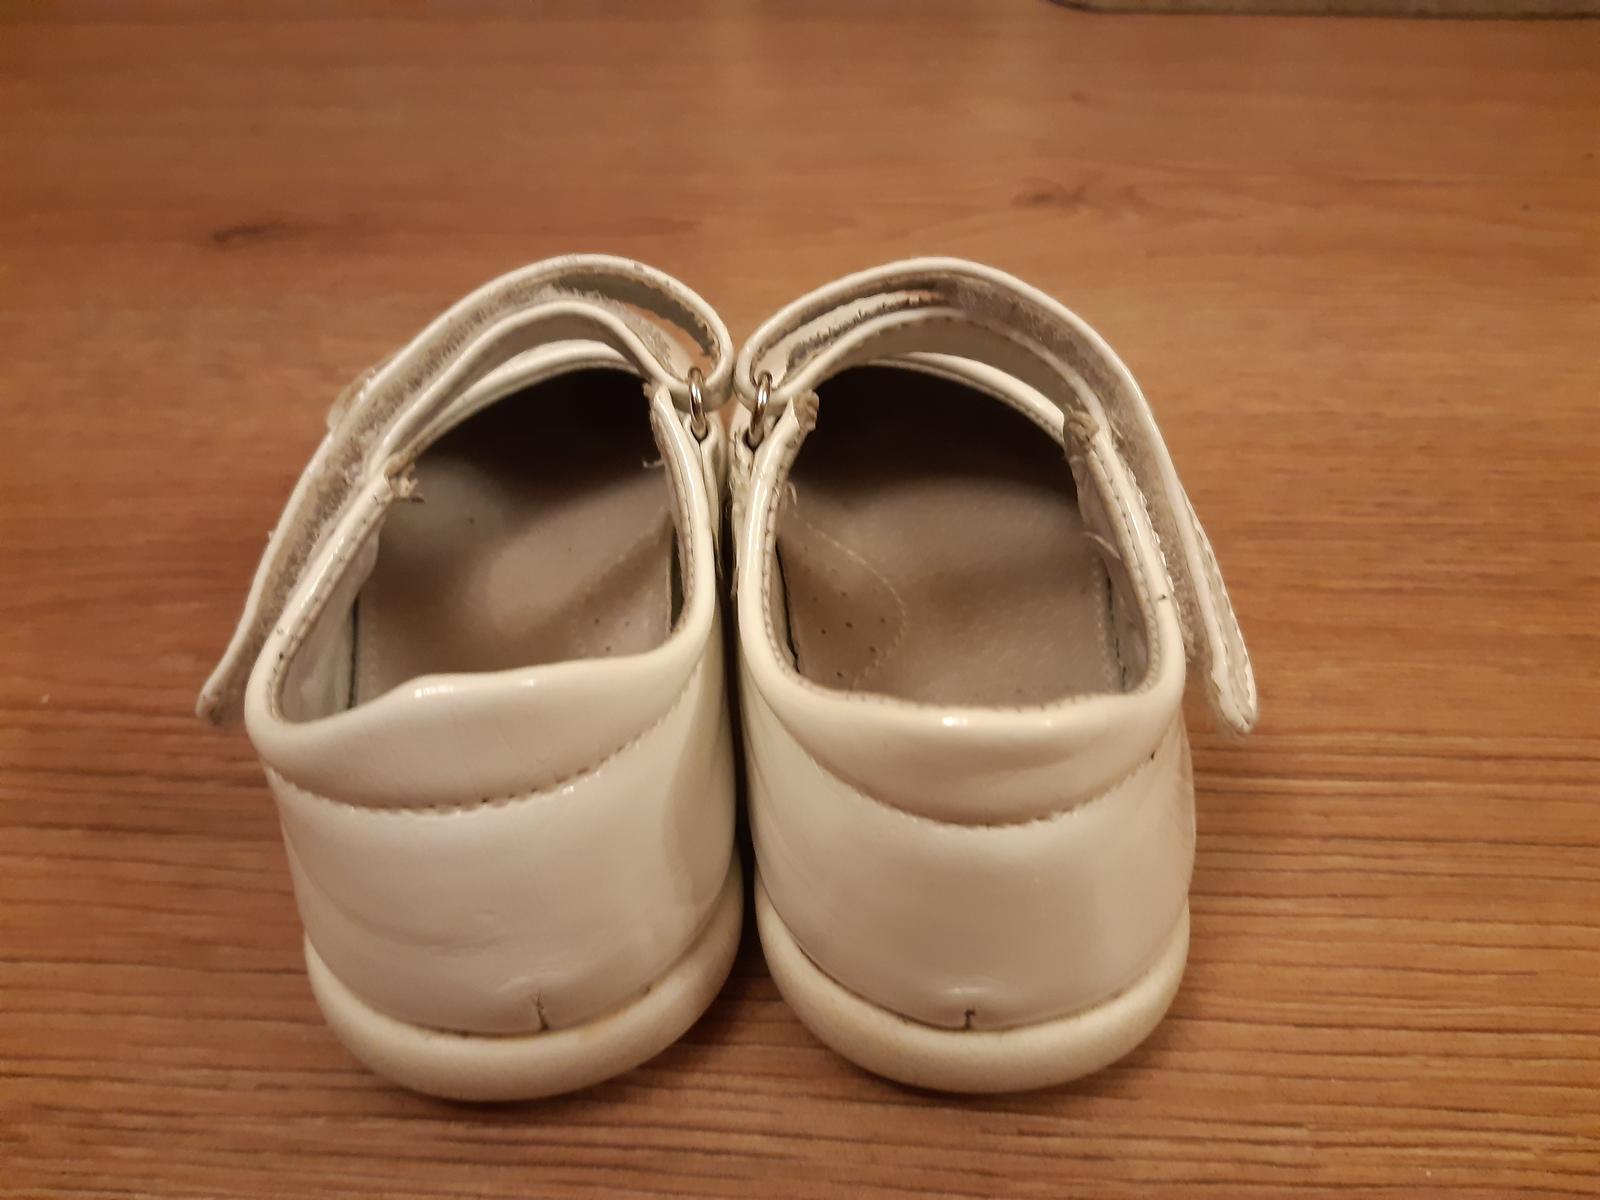 Dievčenské topánky  - Obrázok č. 4